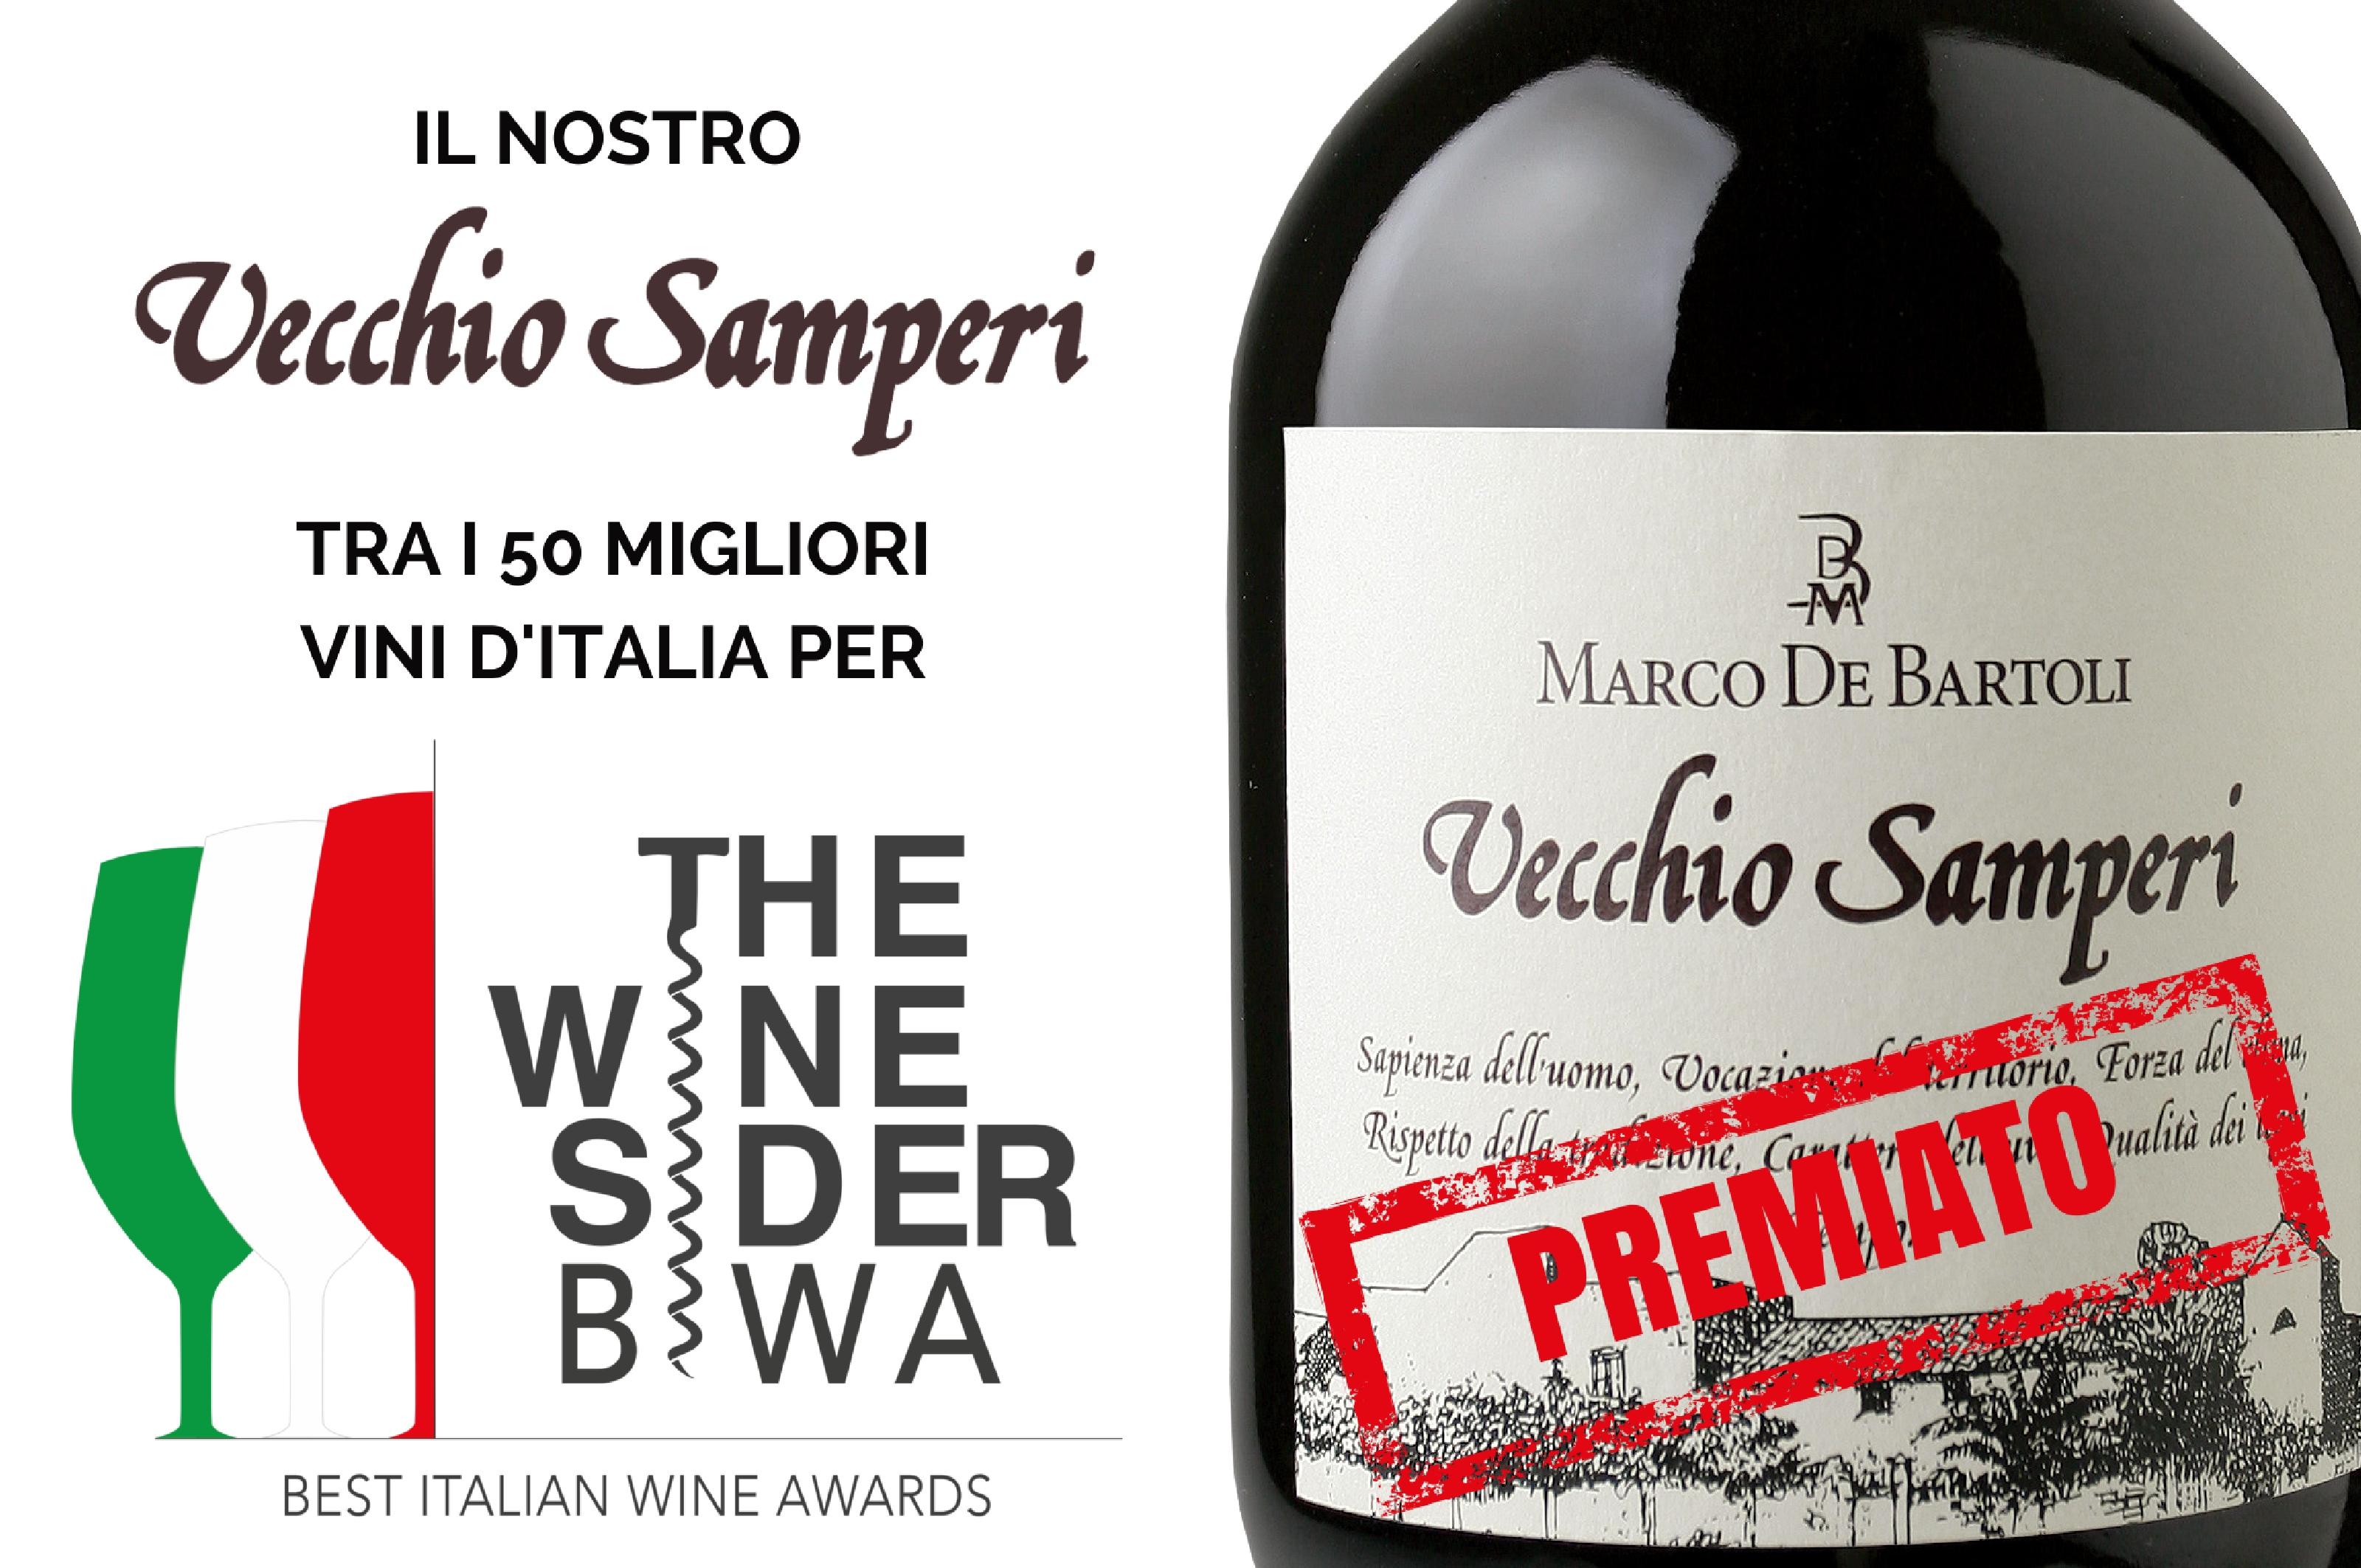 The Wine Sider Best Italian Wine Awards inserisce il Vecchio Samperi tra i 50 migliori vini d'Italia